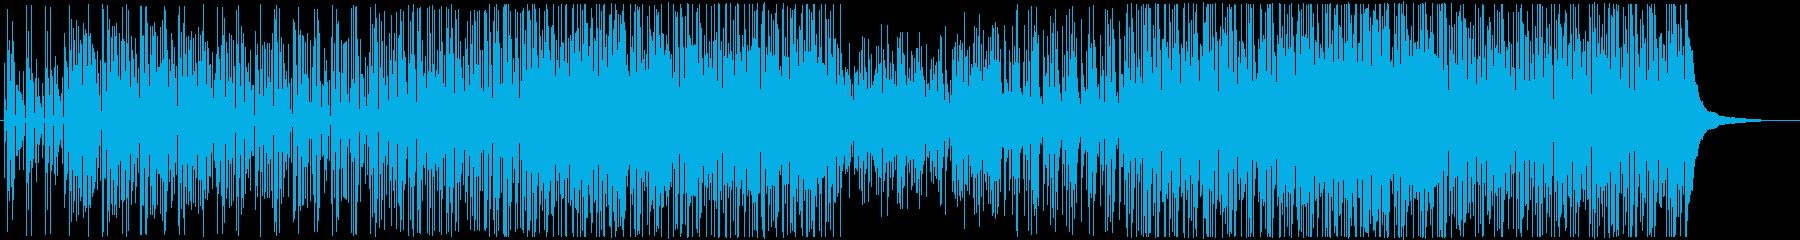 健やか-のどかな口笛ウクレレPOPの再生済みの波形